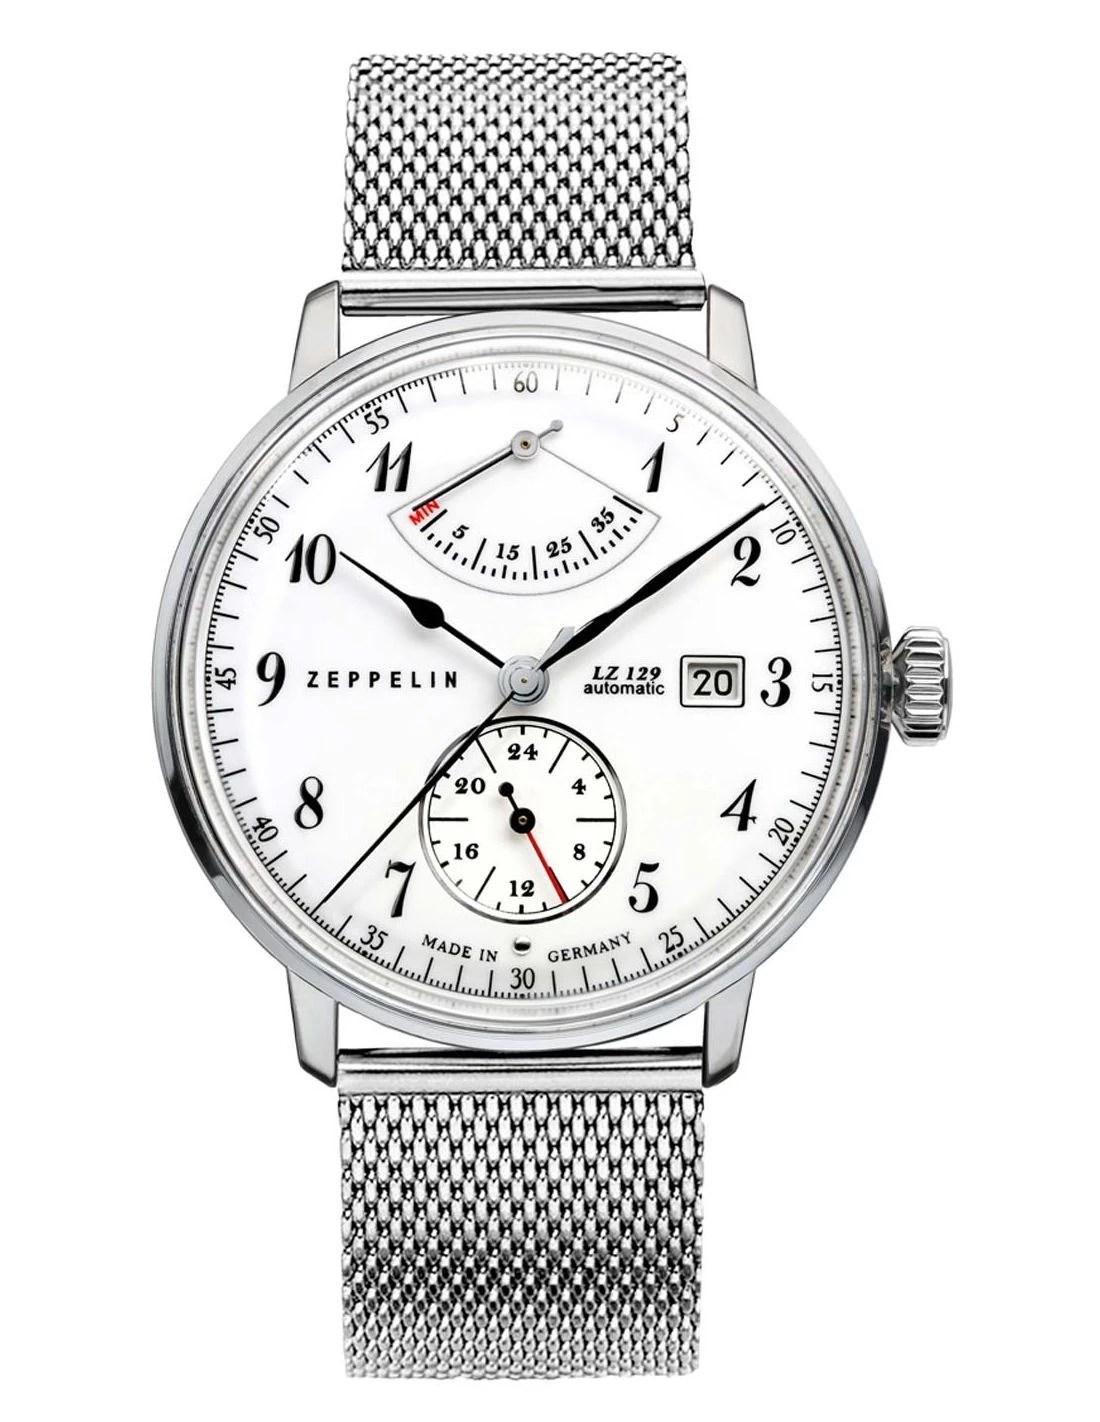 Zeppelin 7060M-1 LZ129 HIndenburg watch